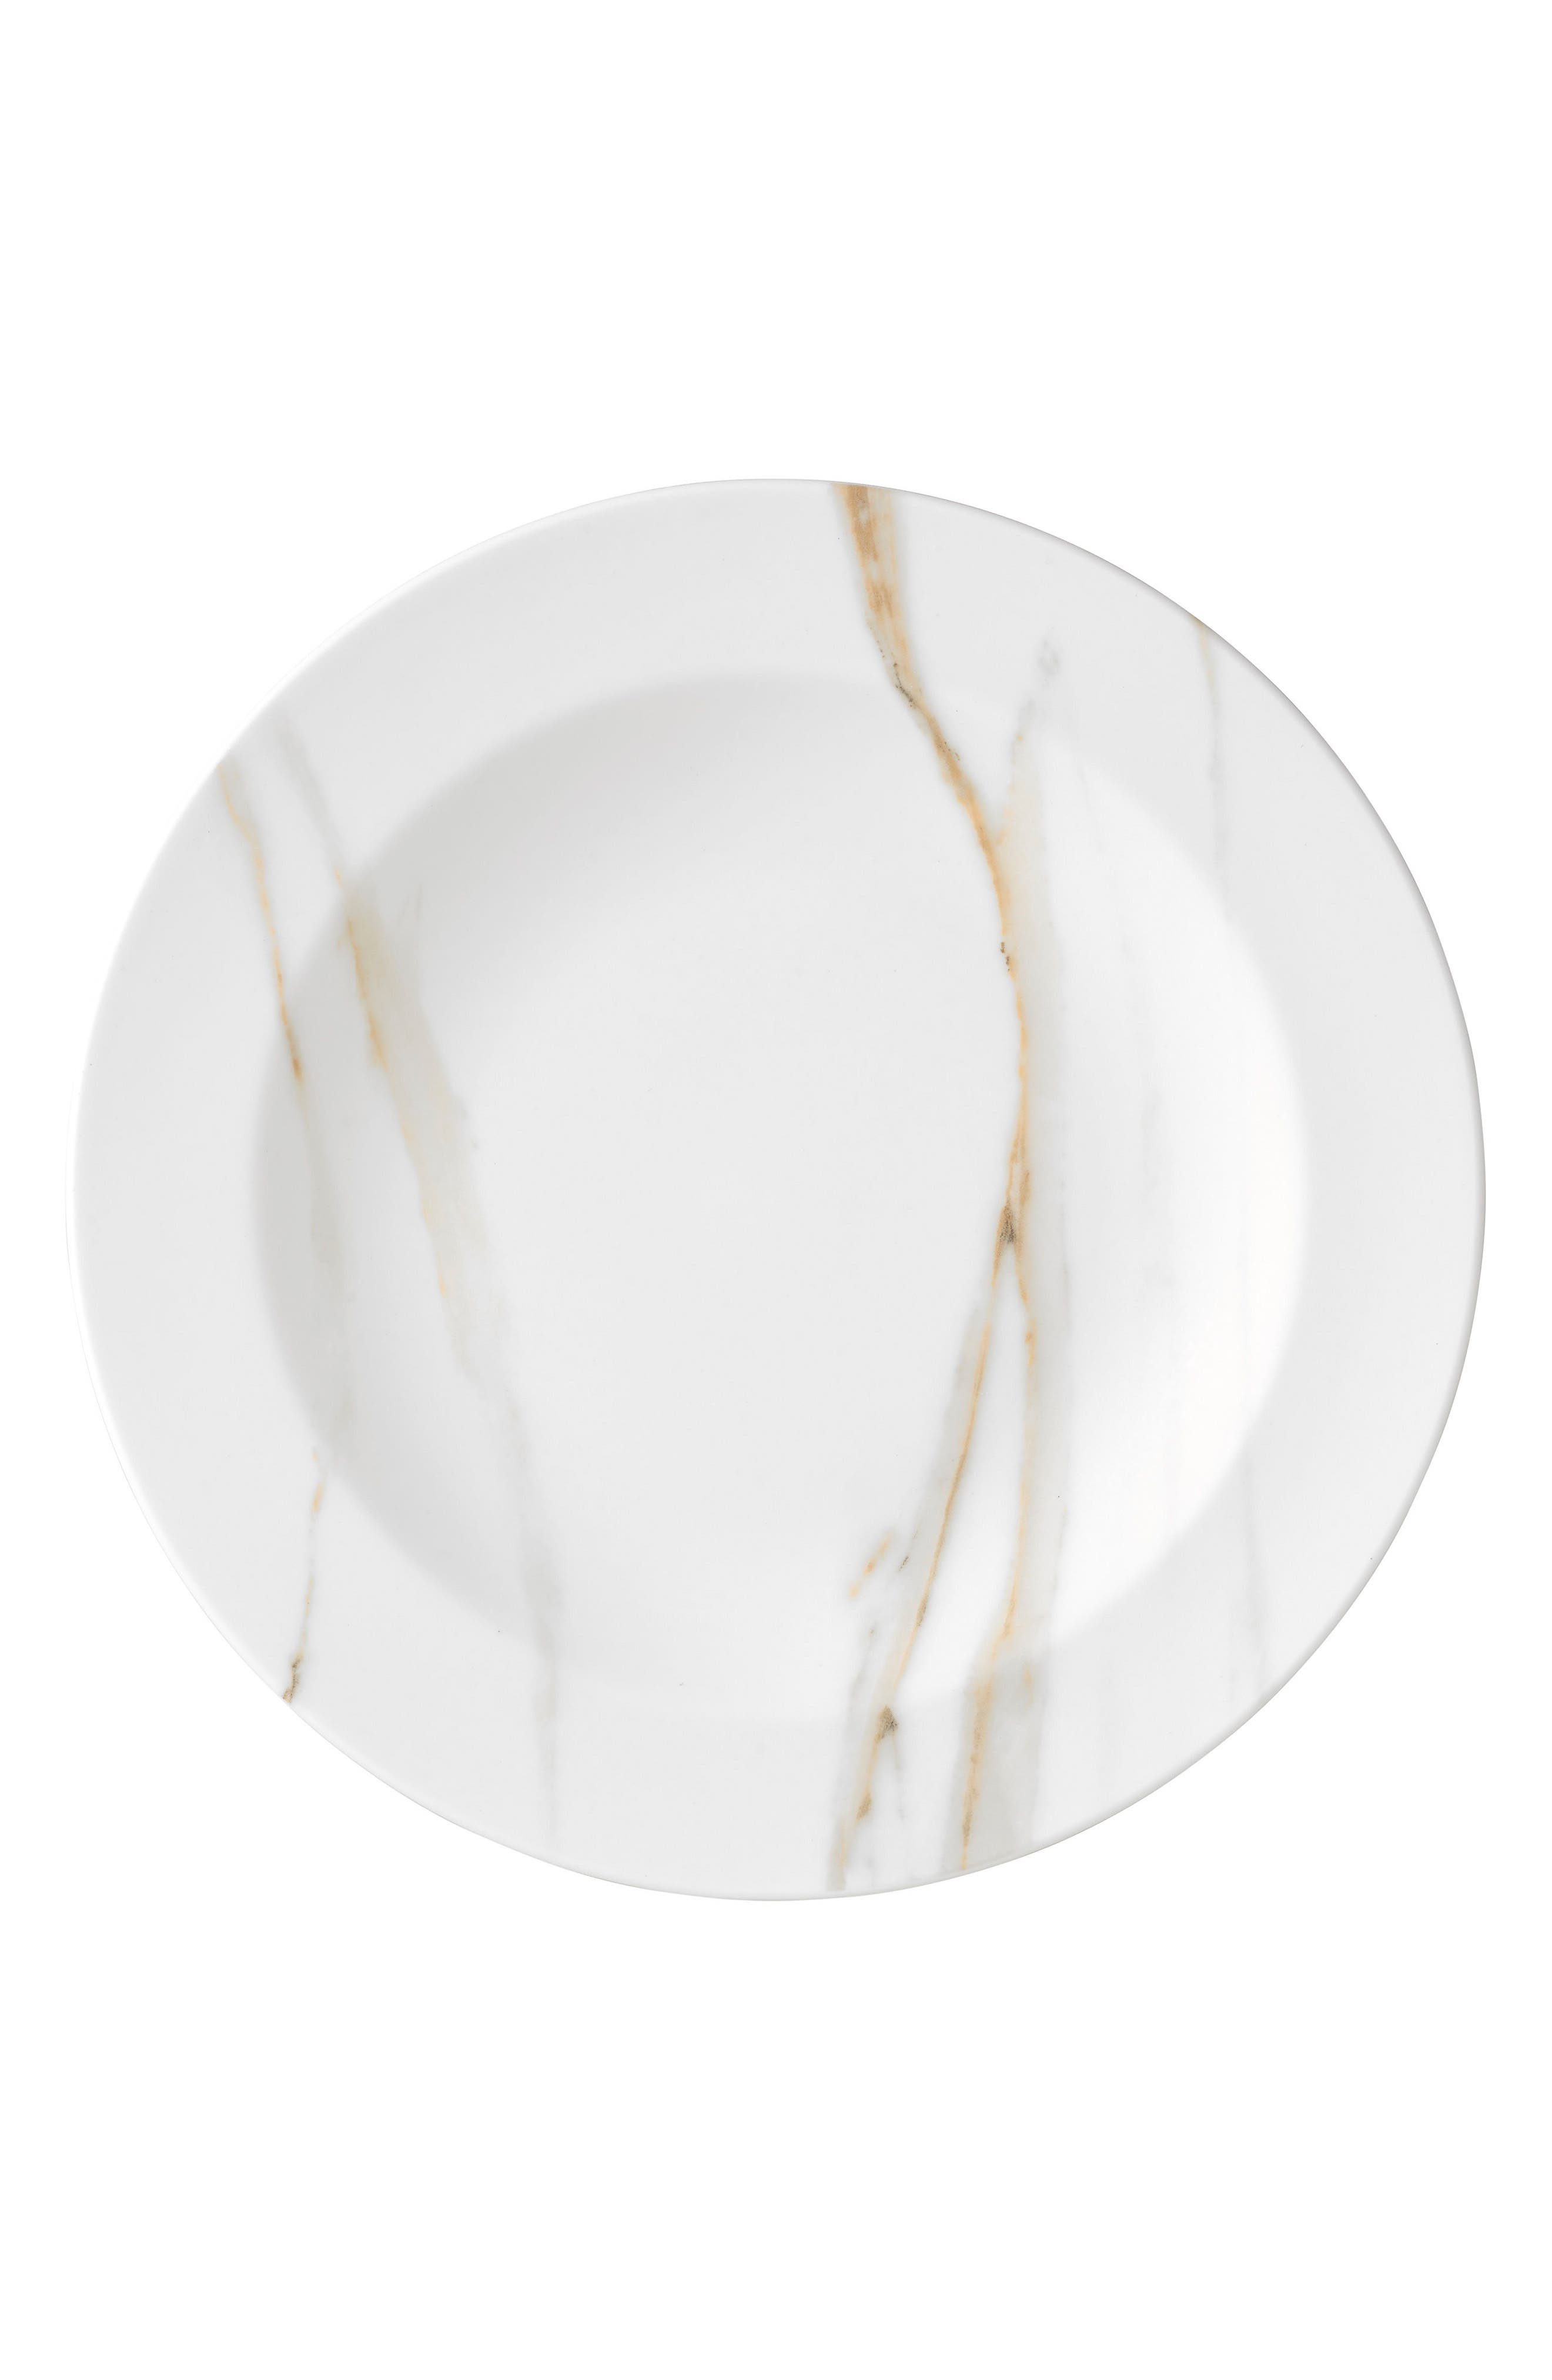 x Wedgwood Venato Imperial Rim Soup Bowl,                         Main,                         color, 100